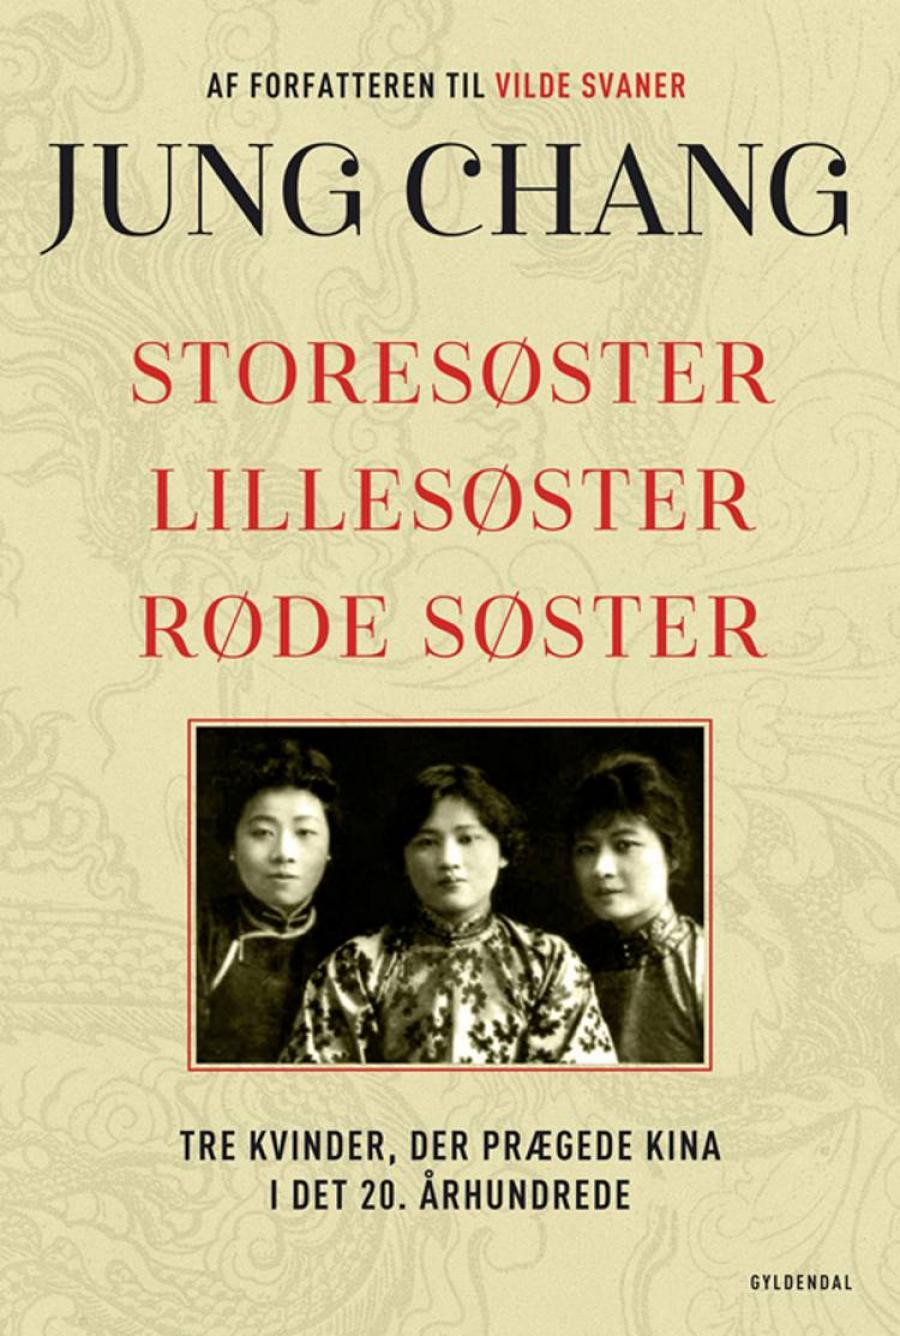 Storesøster, Lillesøster, Røde Søster af Jung Chang